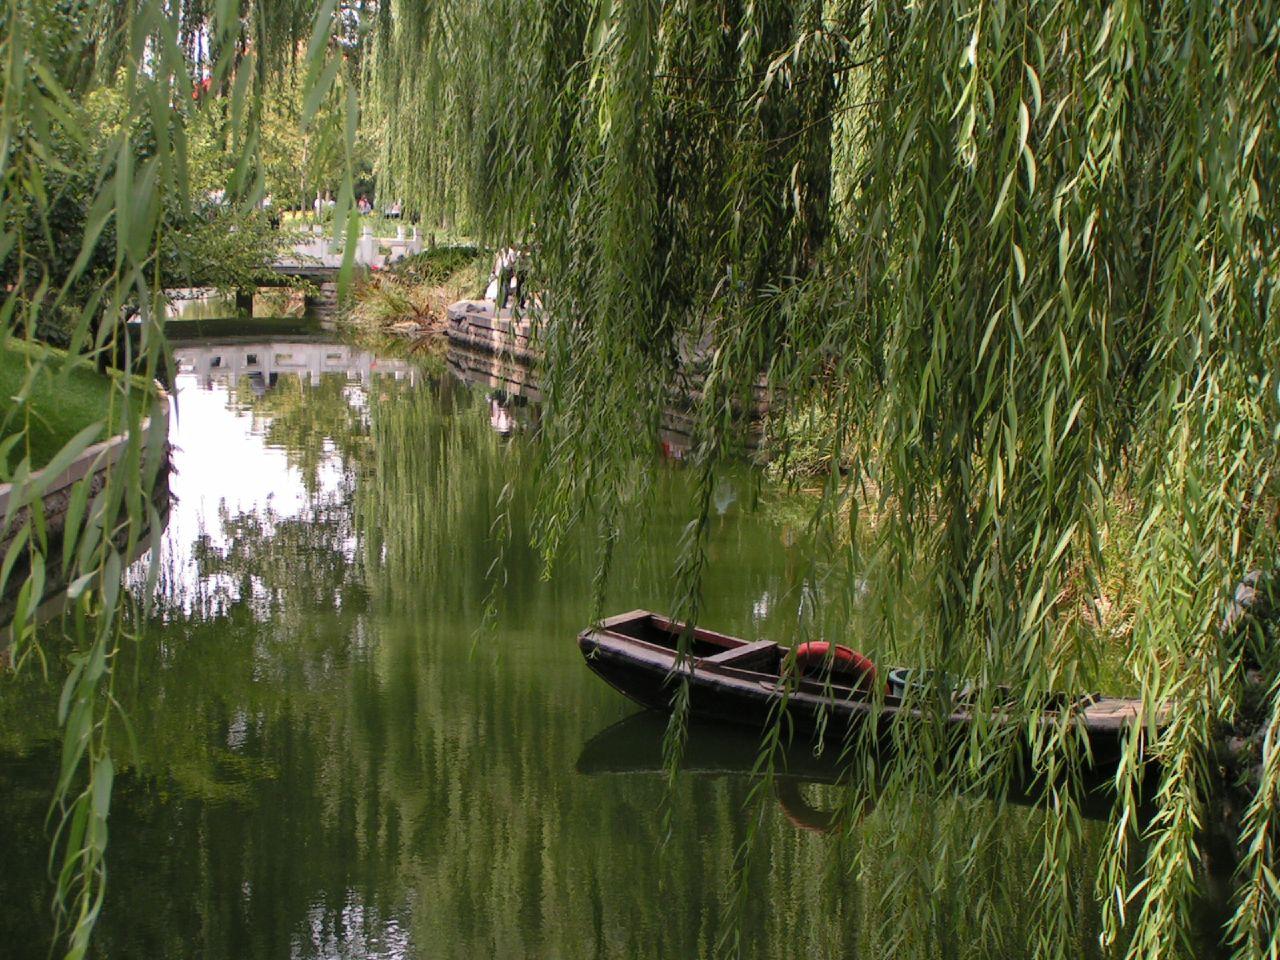 Lago de Beijing (Pekín). El árbol que se ve en primer plano es un sauce llorón (Salix babylonica).